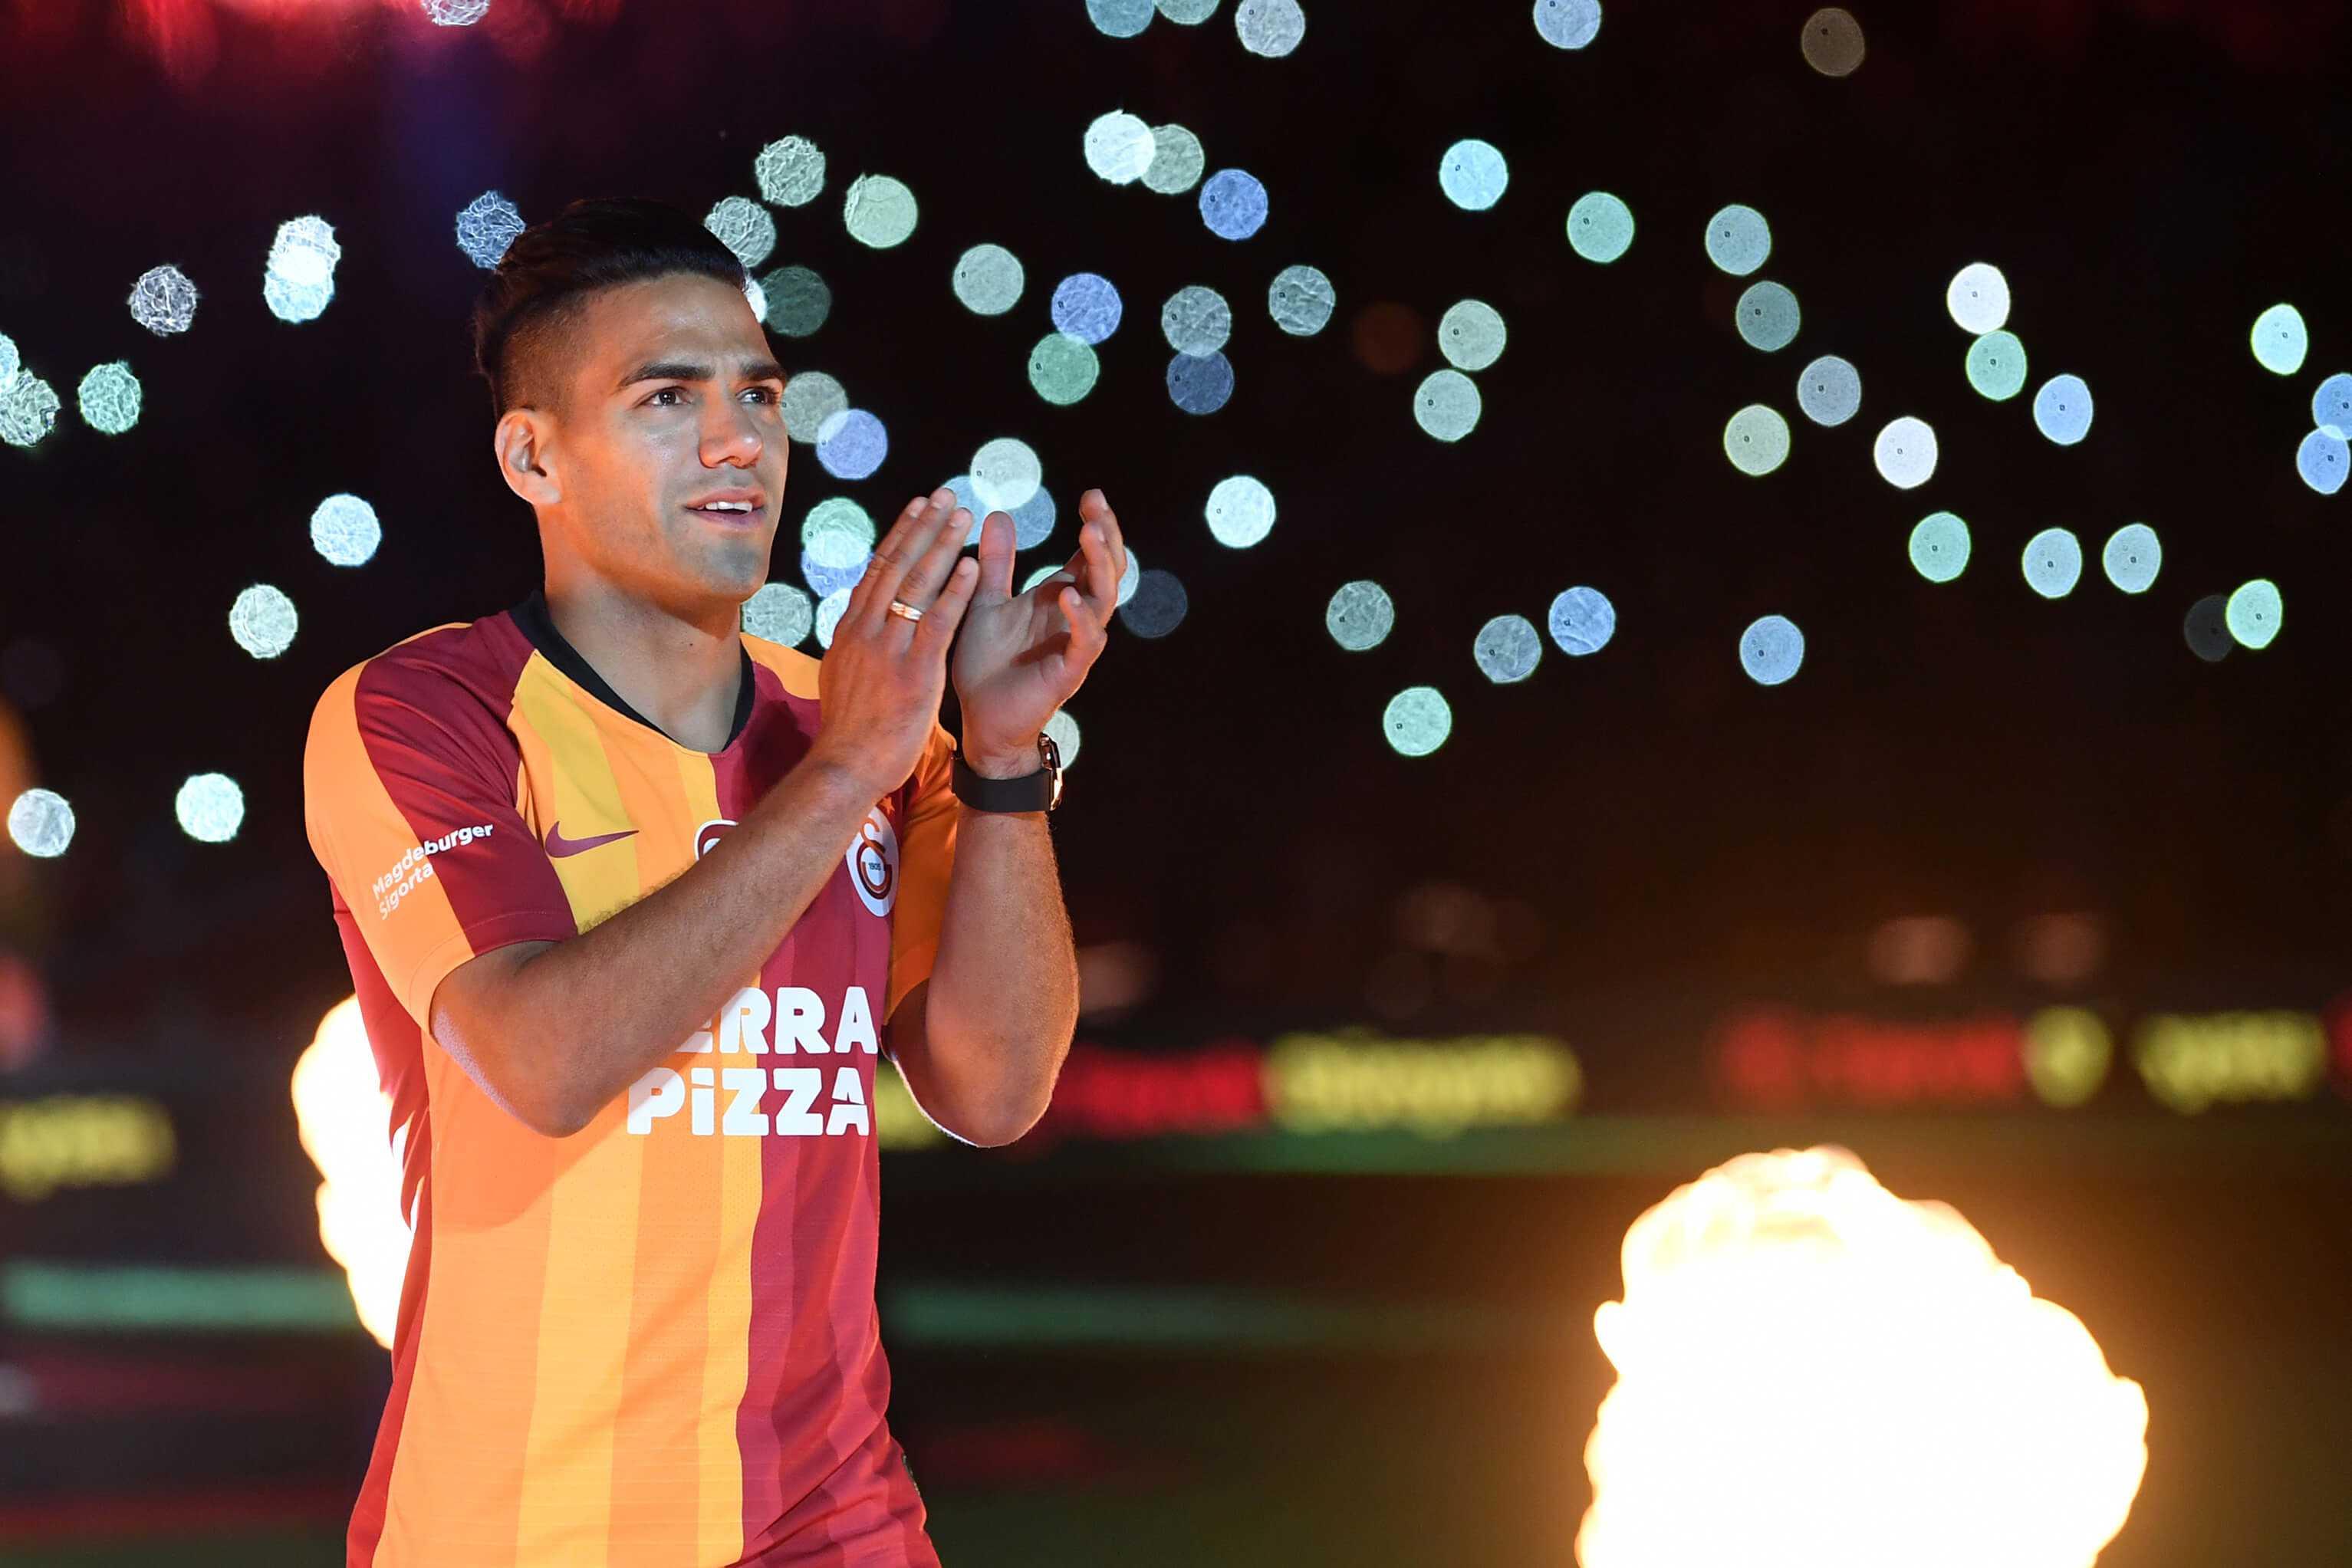 Así fue la presentación de Falcao en el Galatasaray